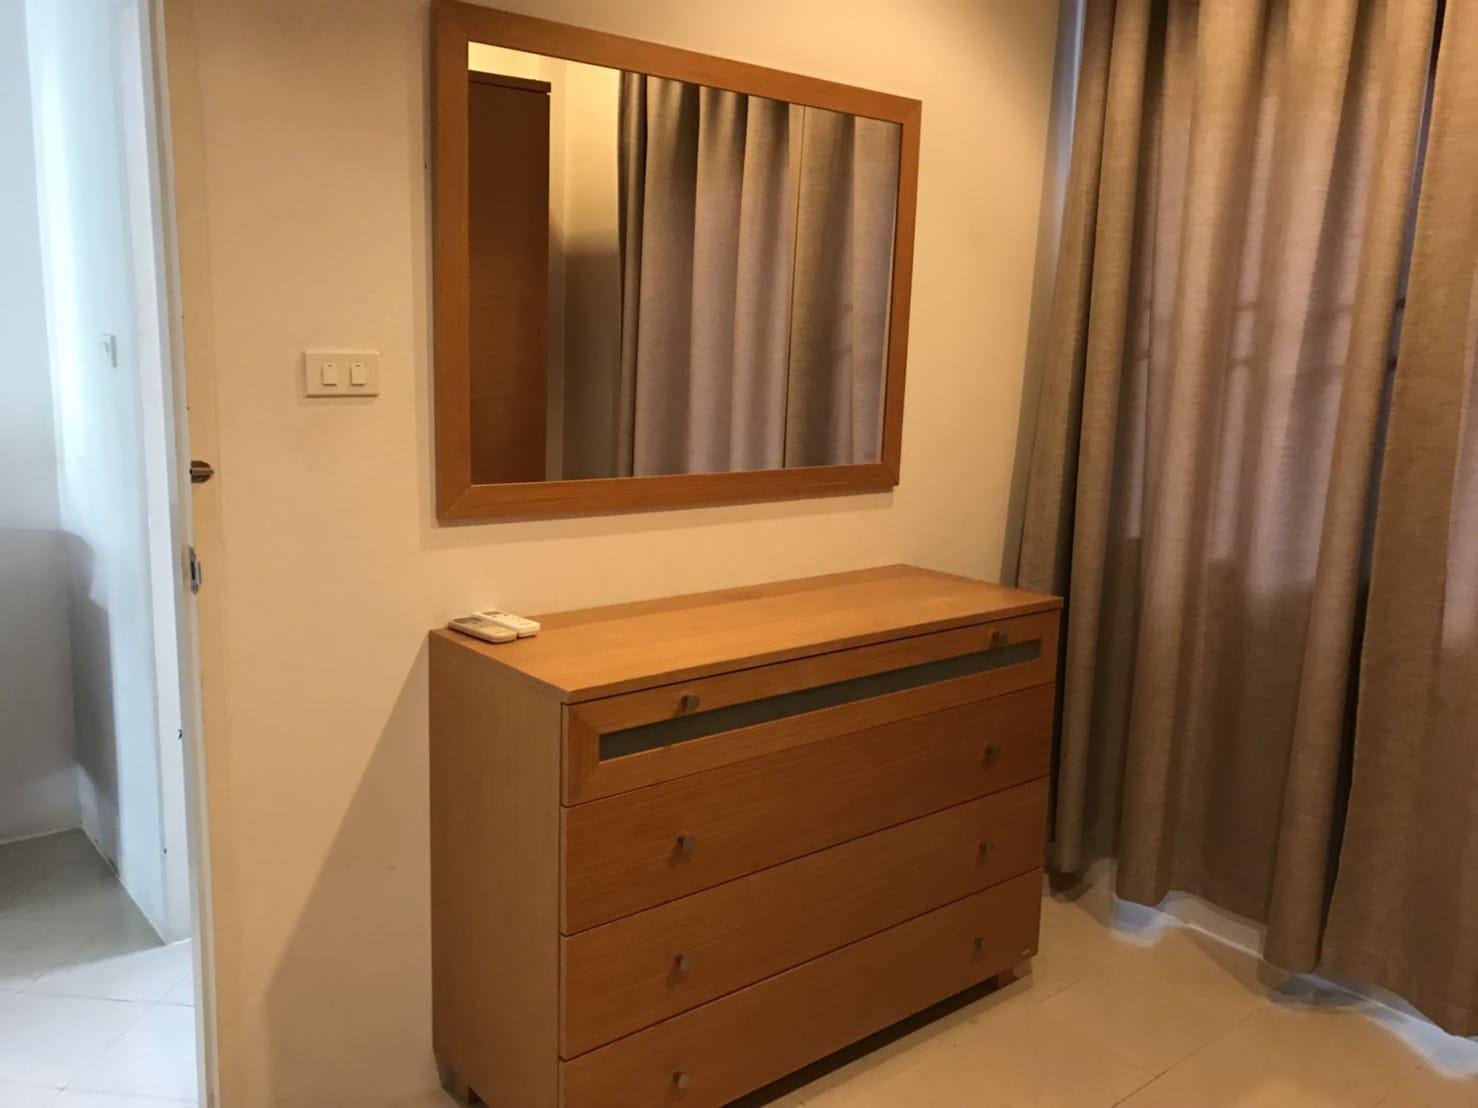 Cherng Talay 2 Bedroom -ea26f2a4-98ff-4962-8768-625f647bffda.jpg